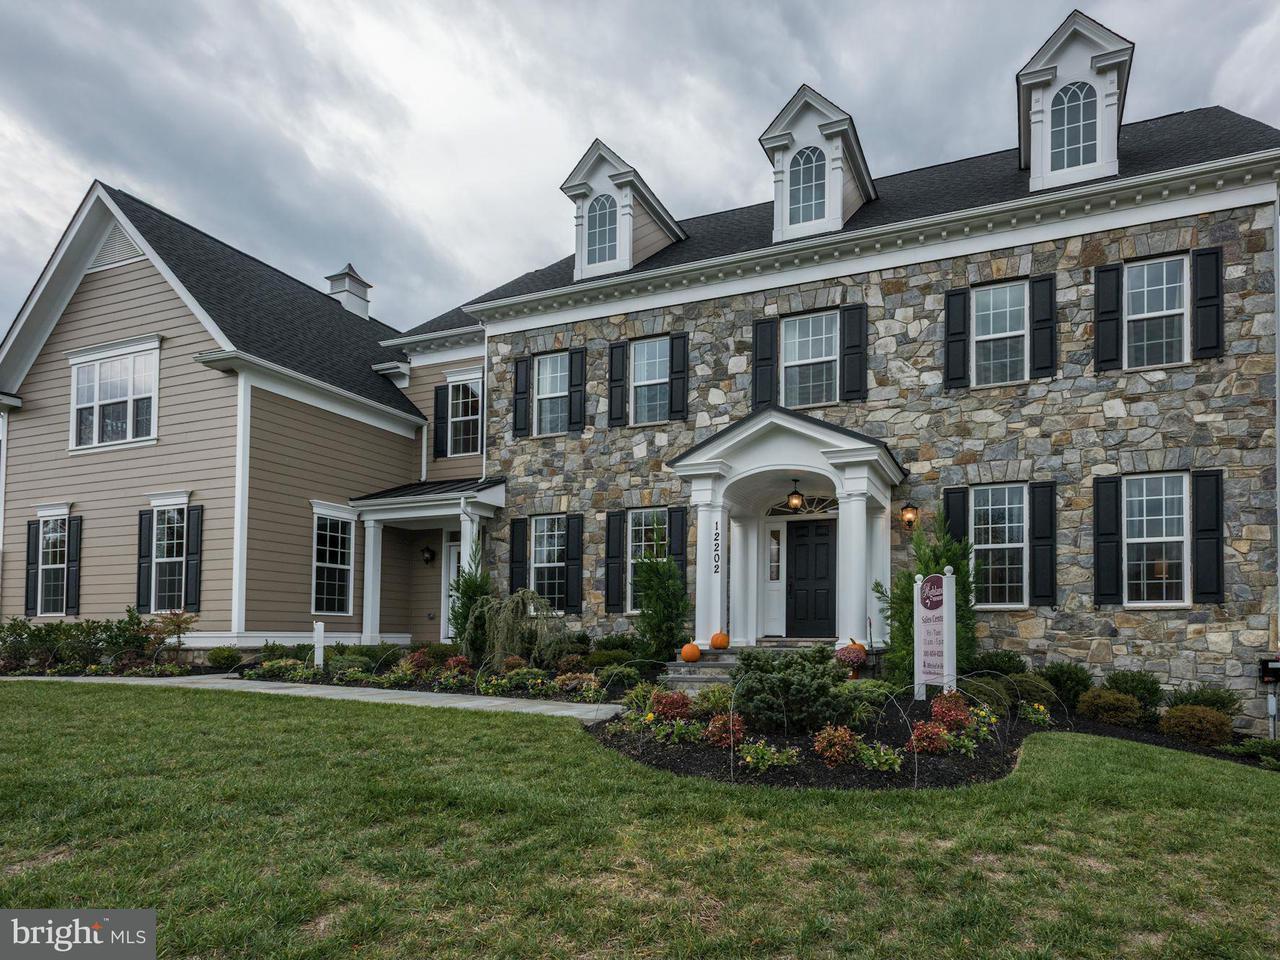 Частный односемейный дом для того Продажа на 12337 Point Ridge Drive 12337 Point Ridge Drive Fulton, Мэриленд 20759 Соединенные Штаты